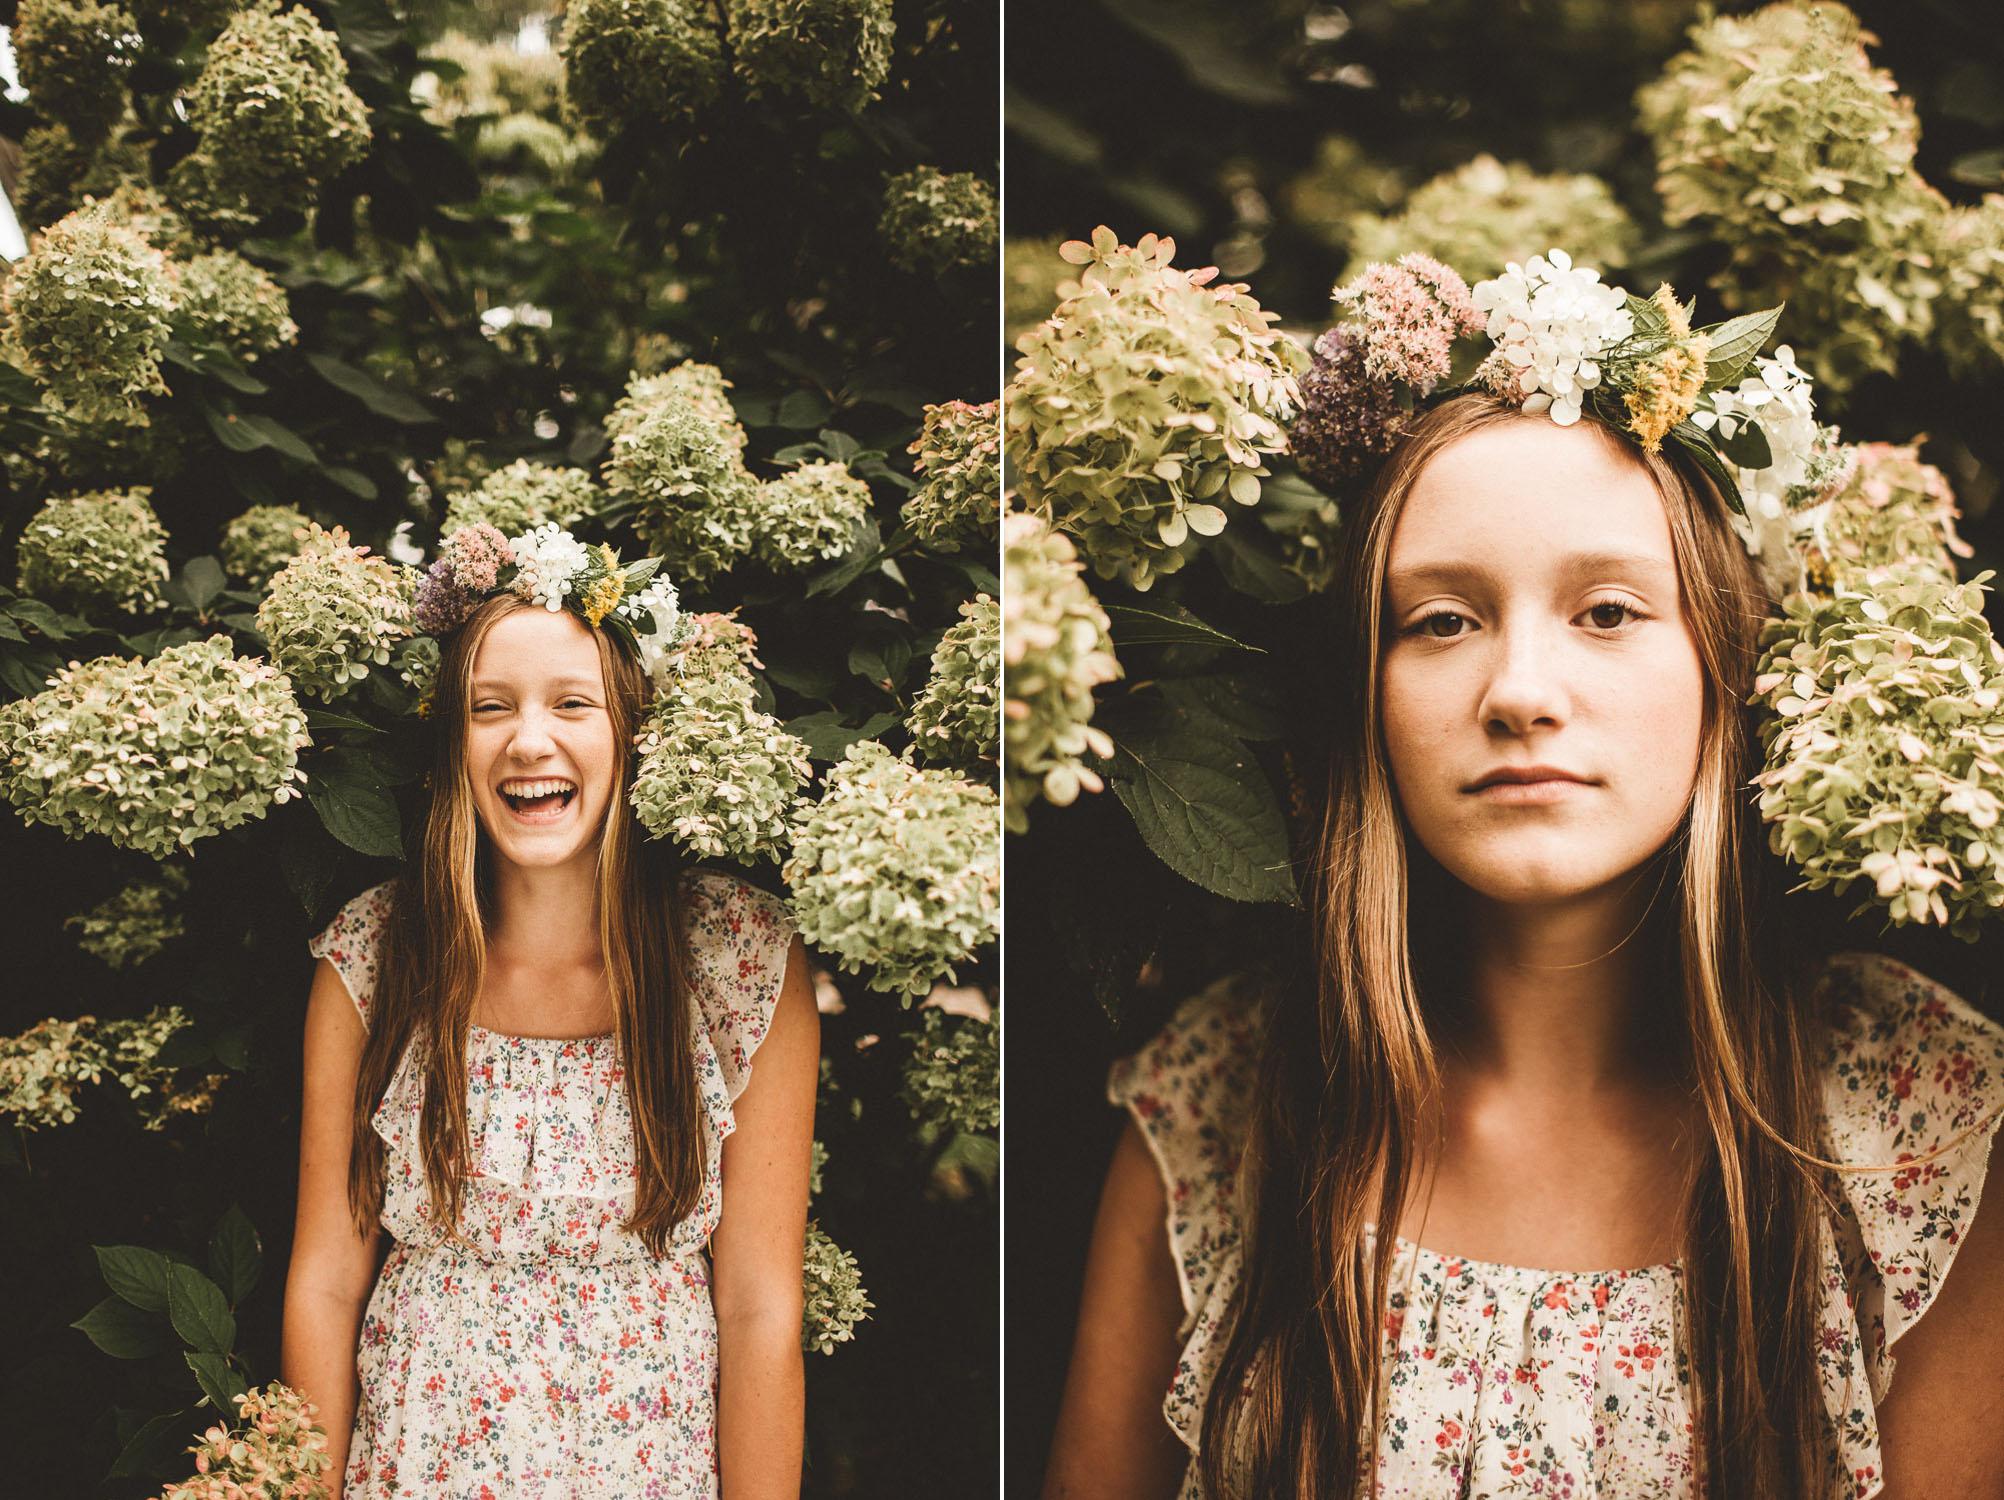 bohemian-free-people-flowercrown-shoot-02 copy.jpg